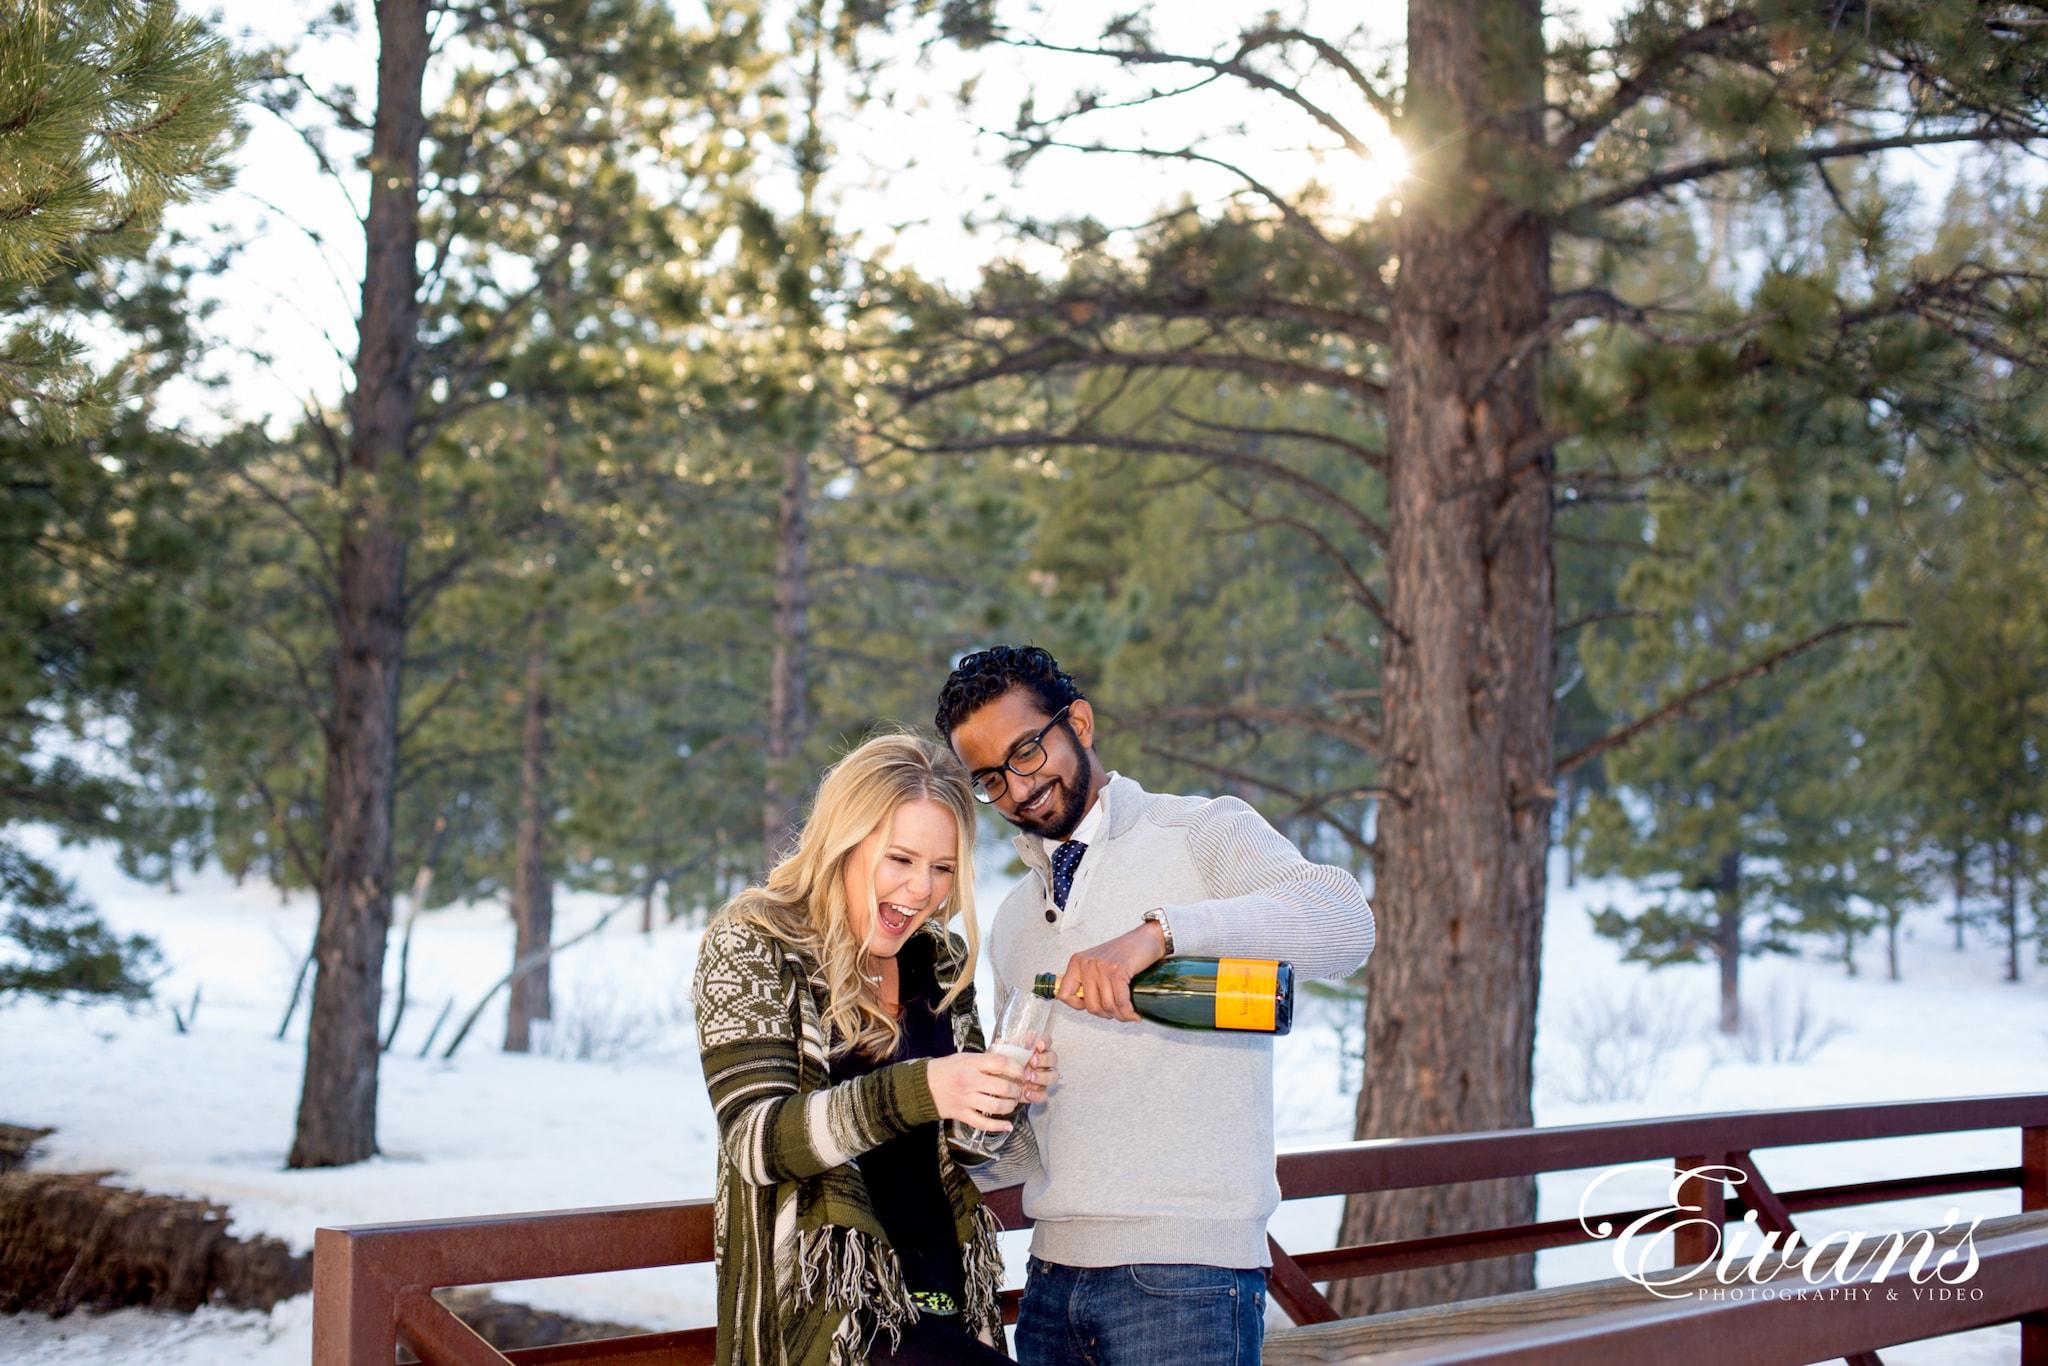 image of engaged couple